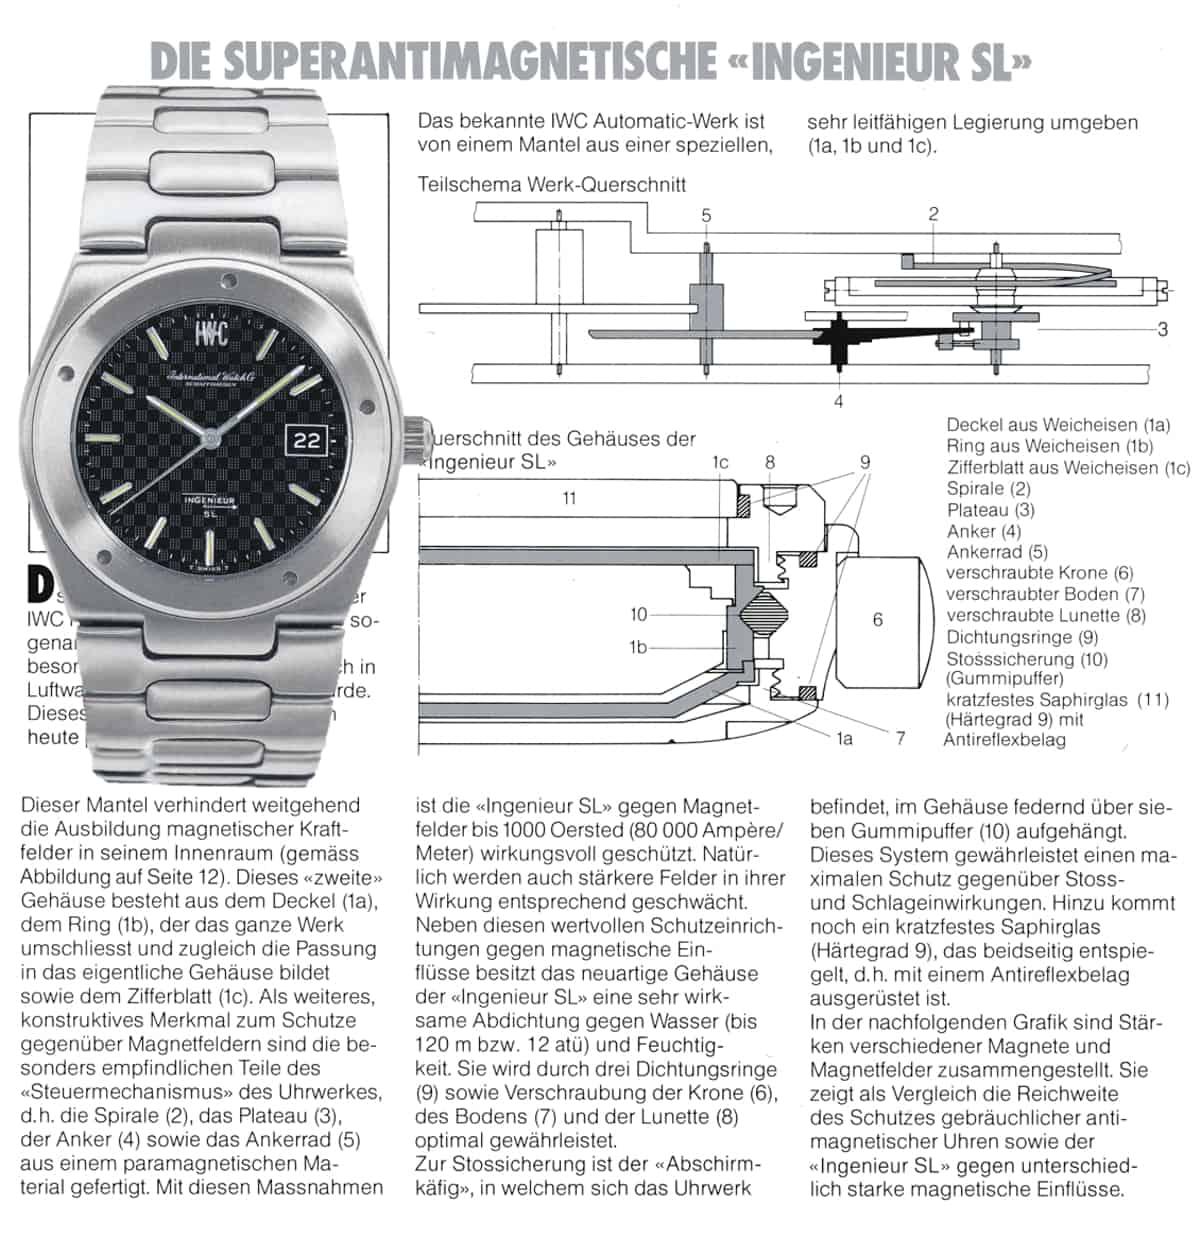 IWC-Ingenieur-SL-Referenz-1832-C-Uhrenkosmos.jpg